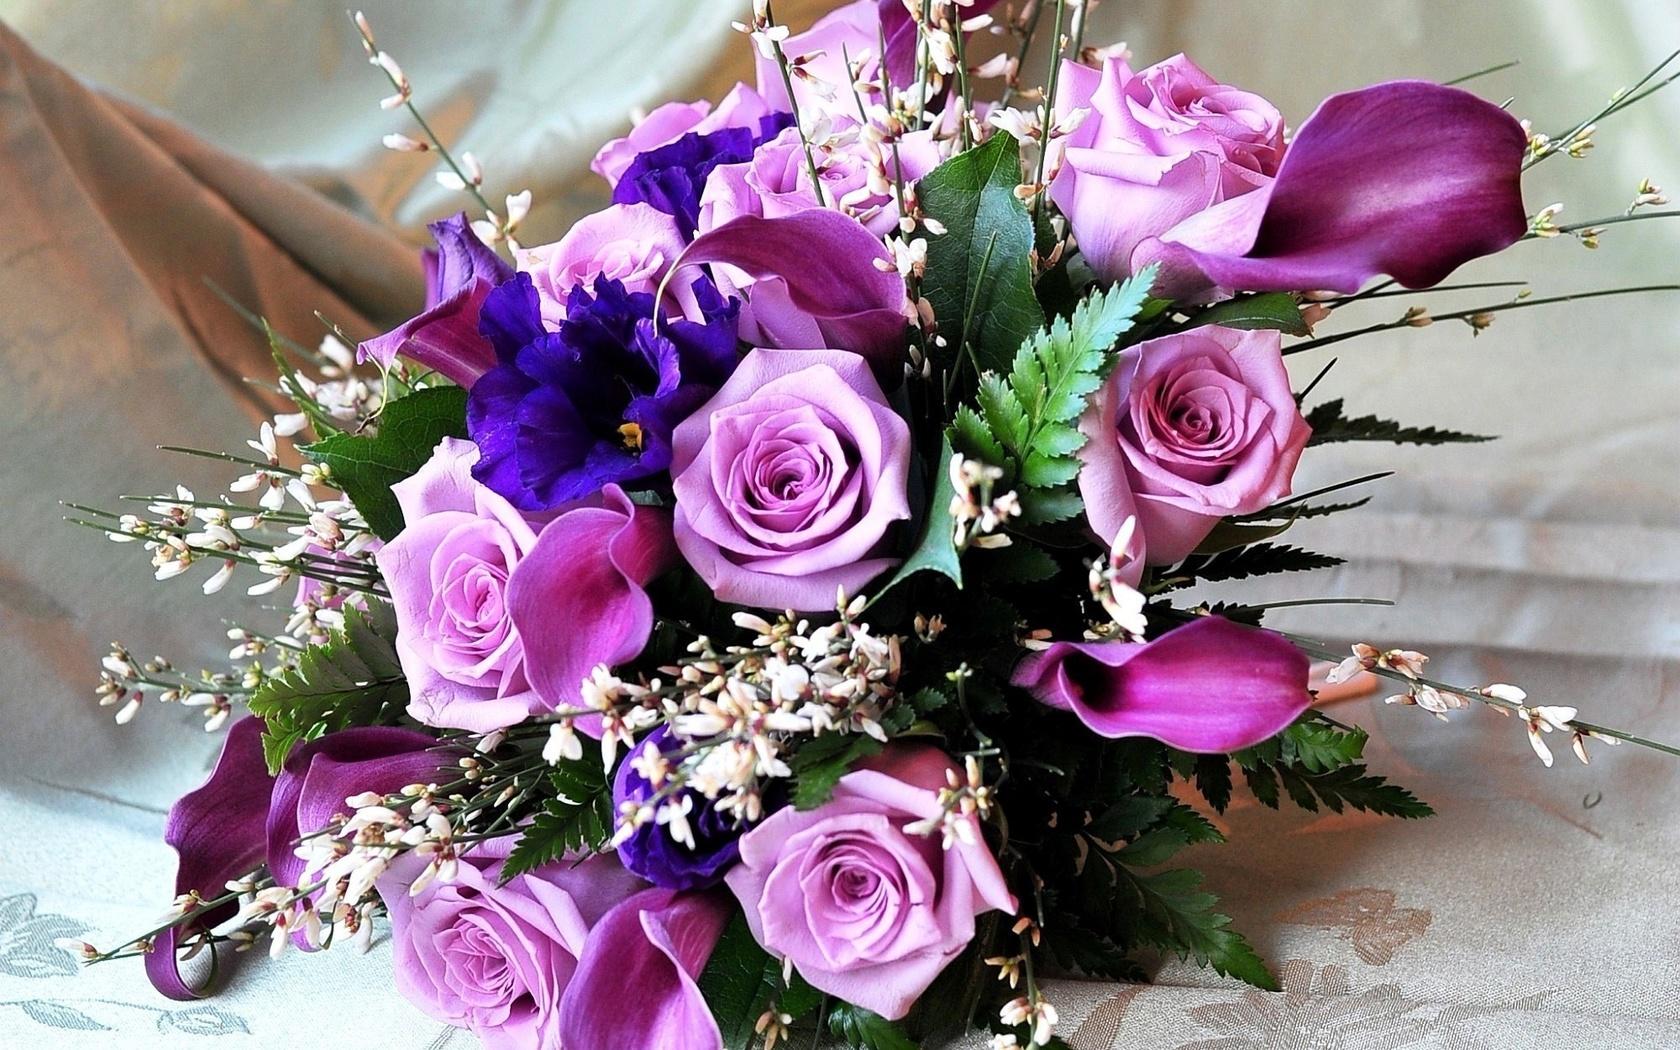 Поздравление в открытке для цветов, лет день рождения